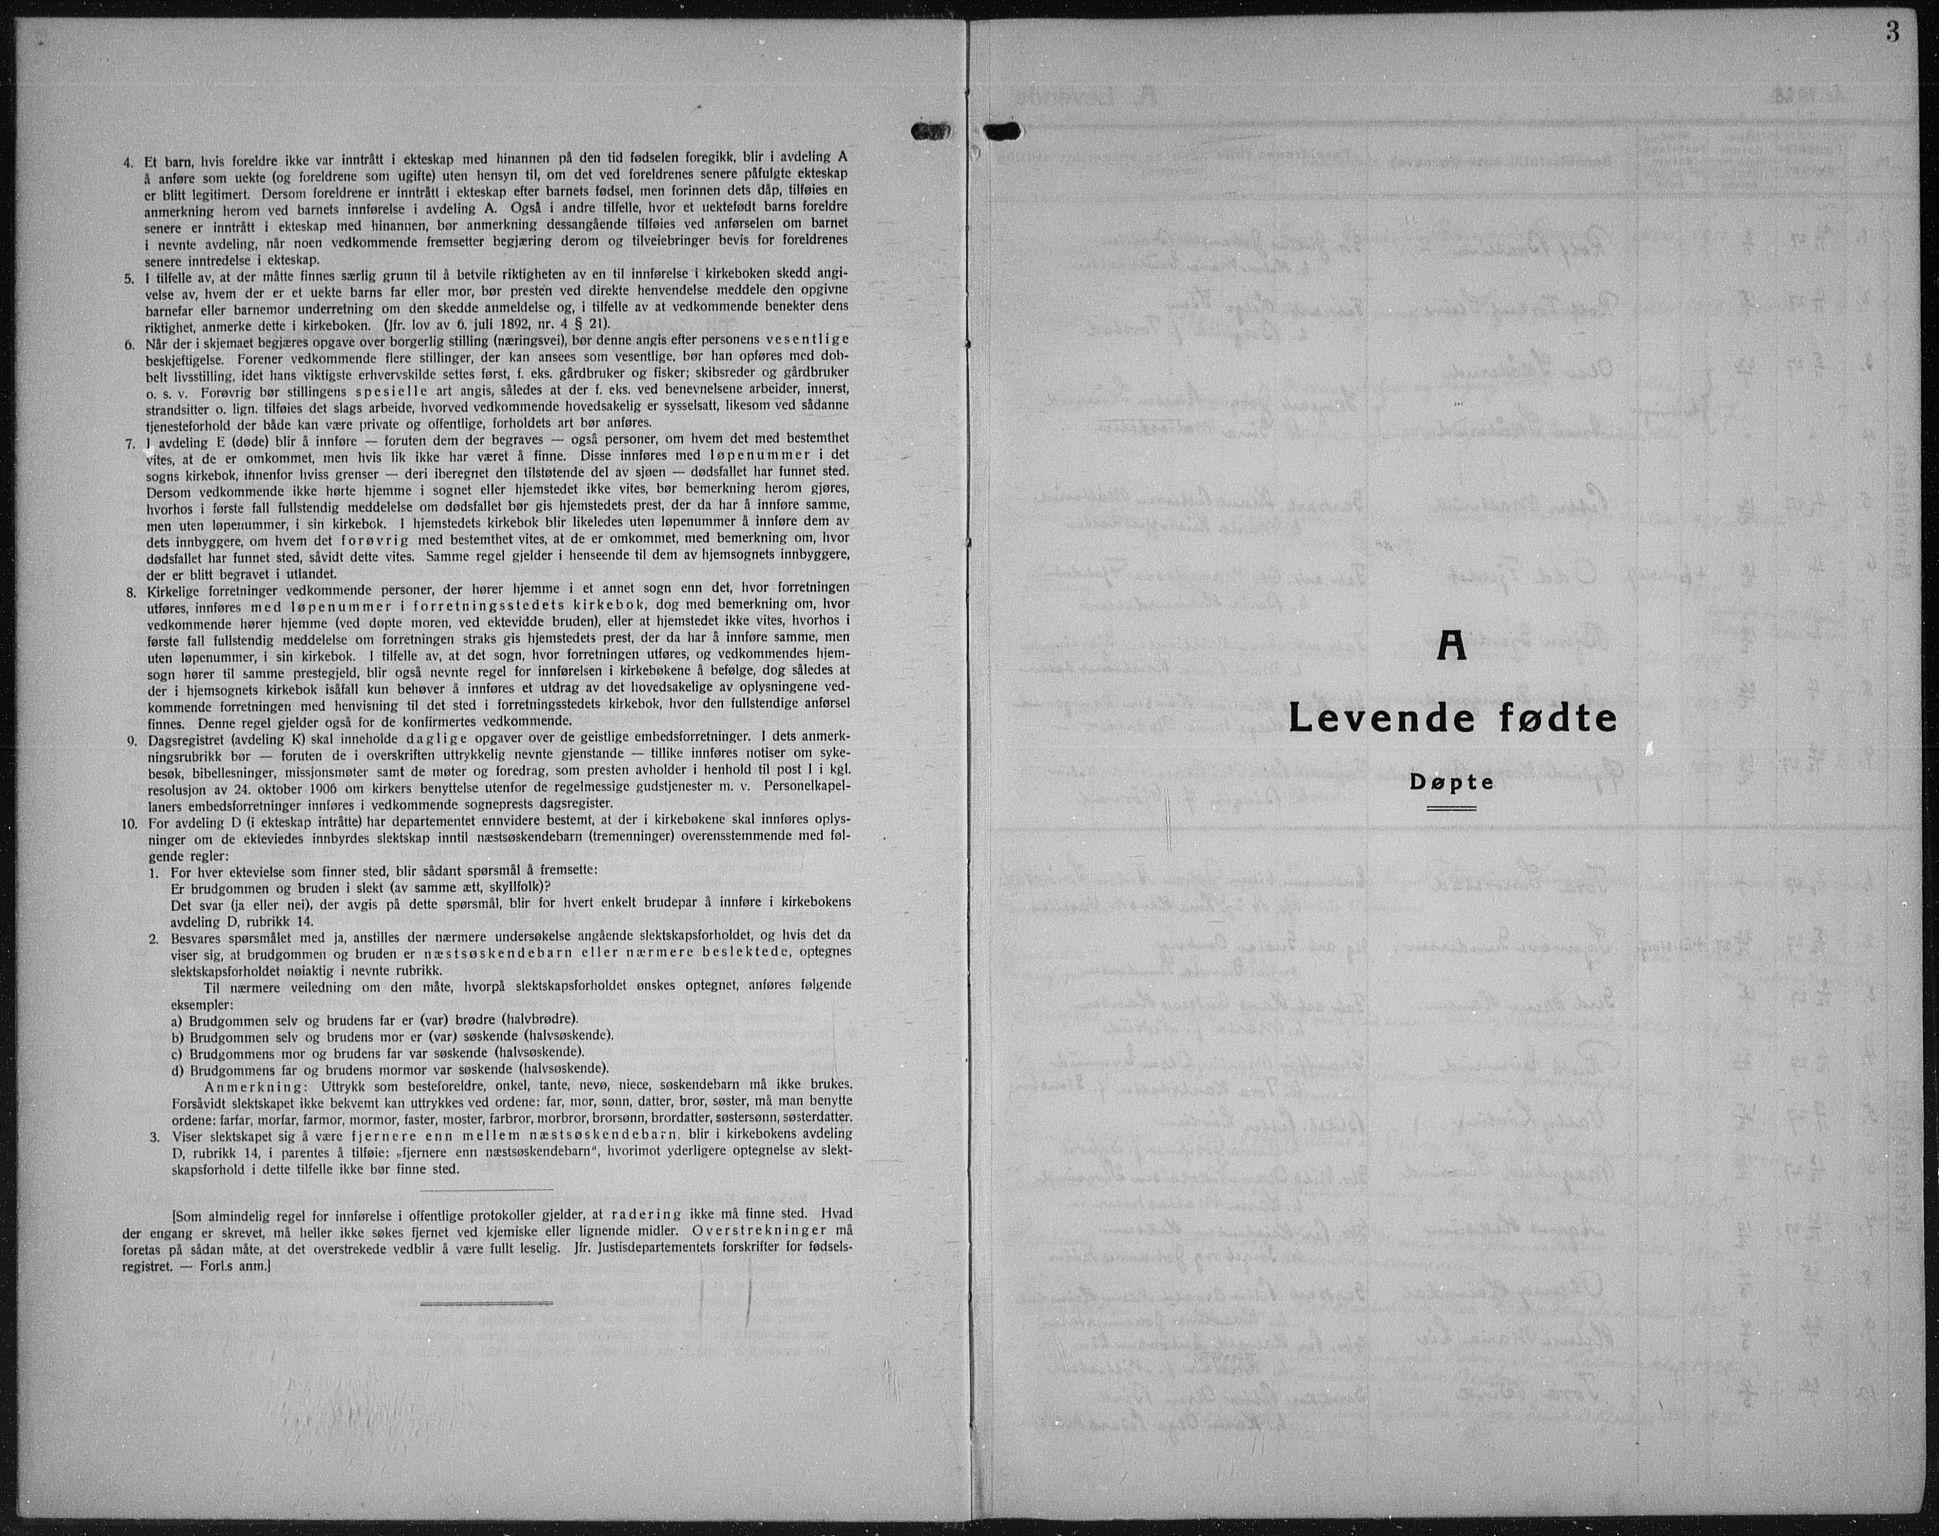 SAH, Vestre Toten prestekontor, H/Ha/Hab/L0018: Klokkerbok nr. 18, 1928-1941, s. 3